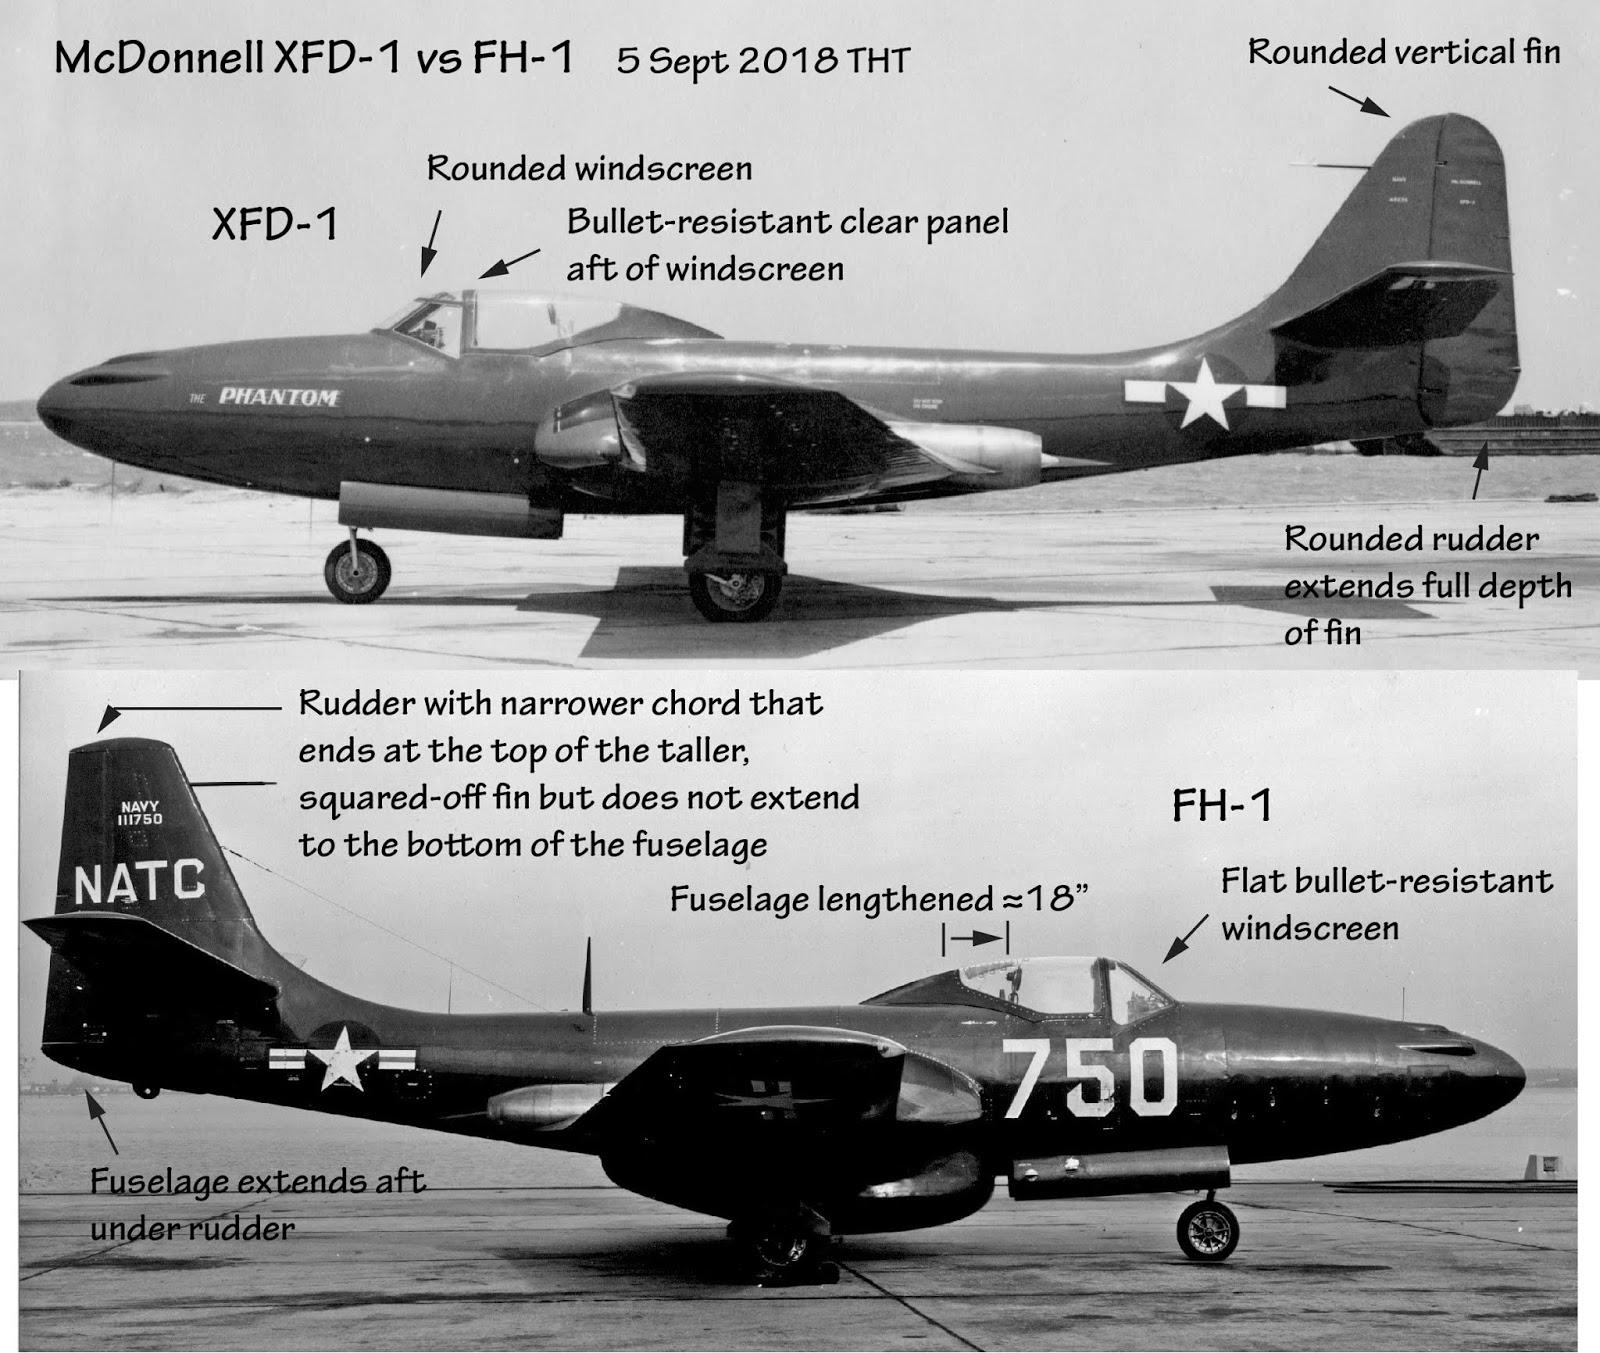 XFD-1 vs FH-1 Final